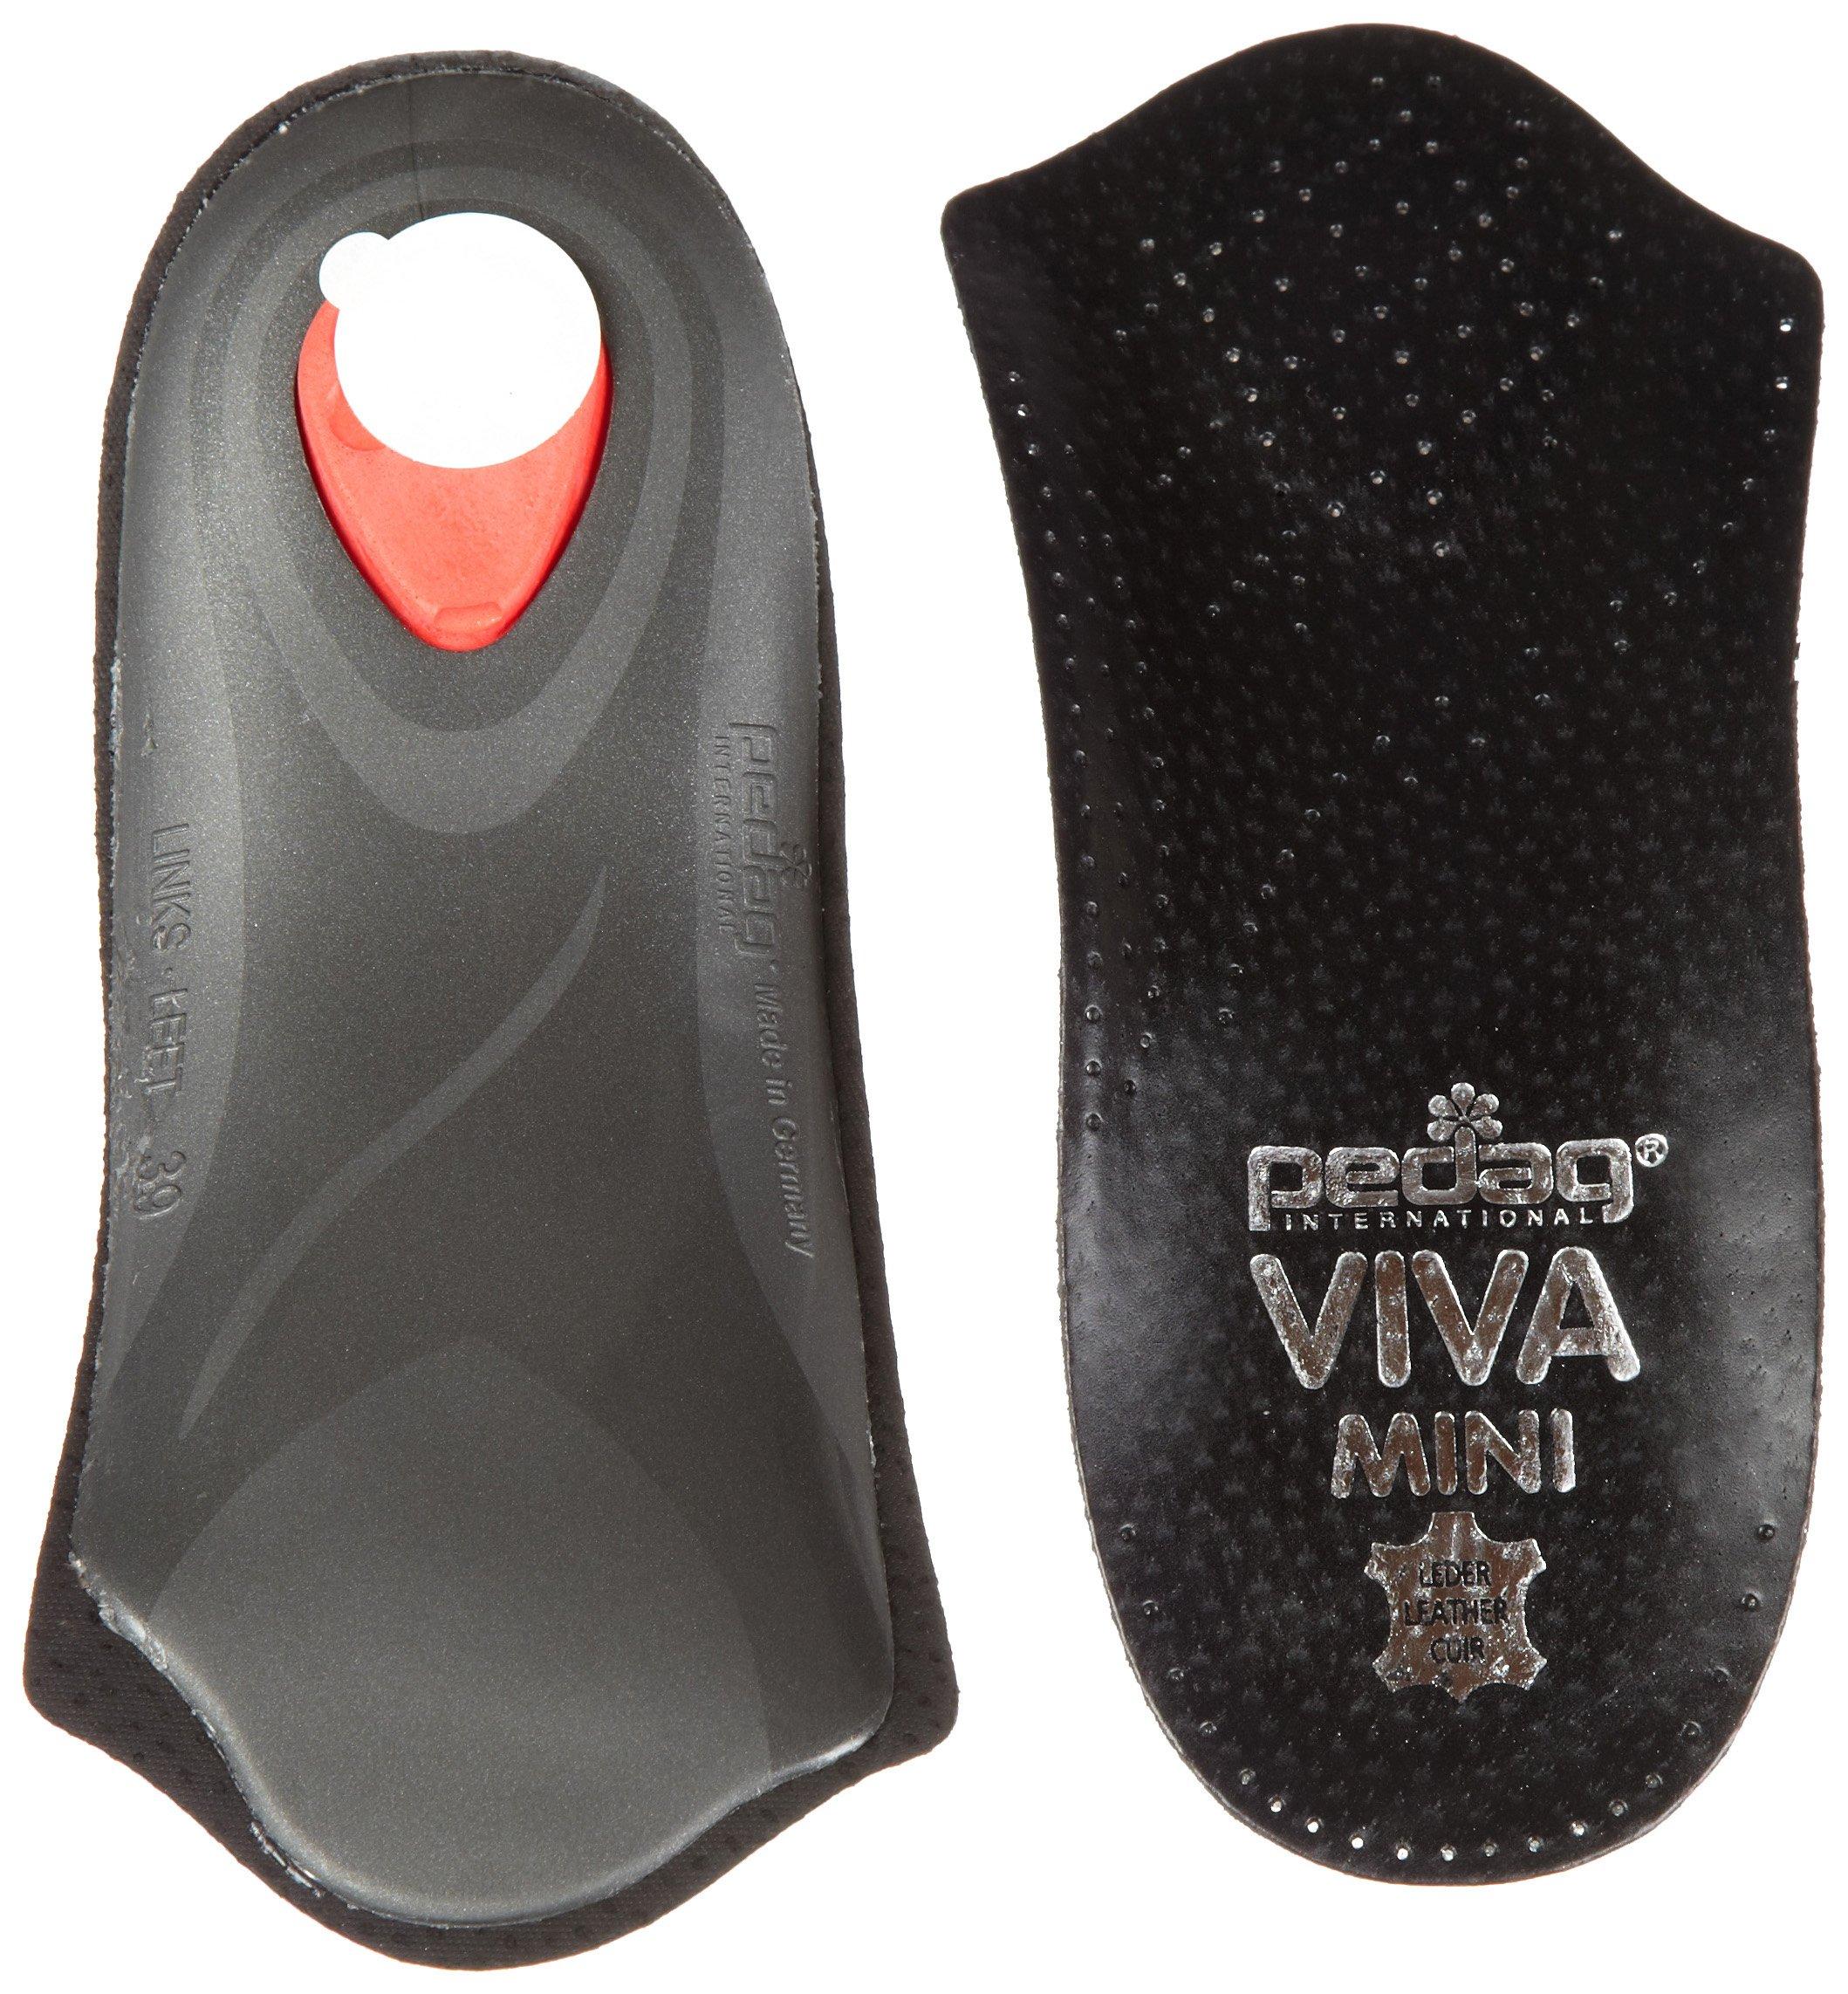 Pedag Viva Mini Orthotic with Semi-Rigid Arch Support, Metatarsal & Heel Pad, Leather, Black, US W9/EU39 by Pedag